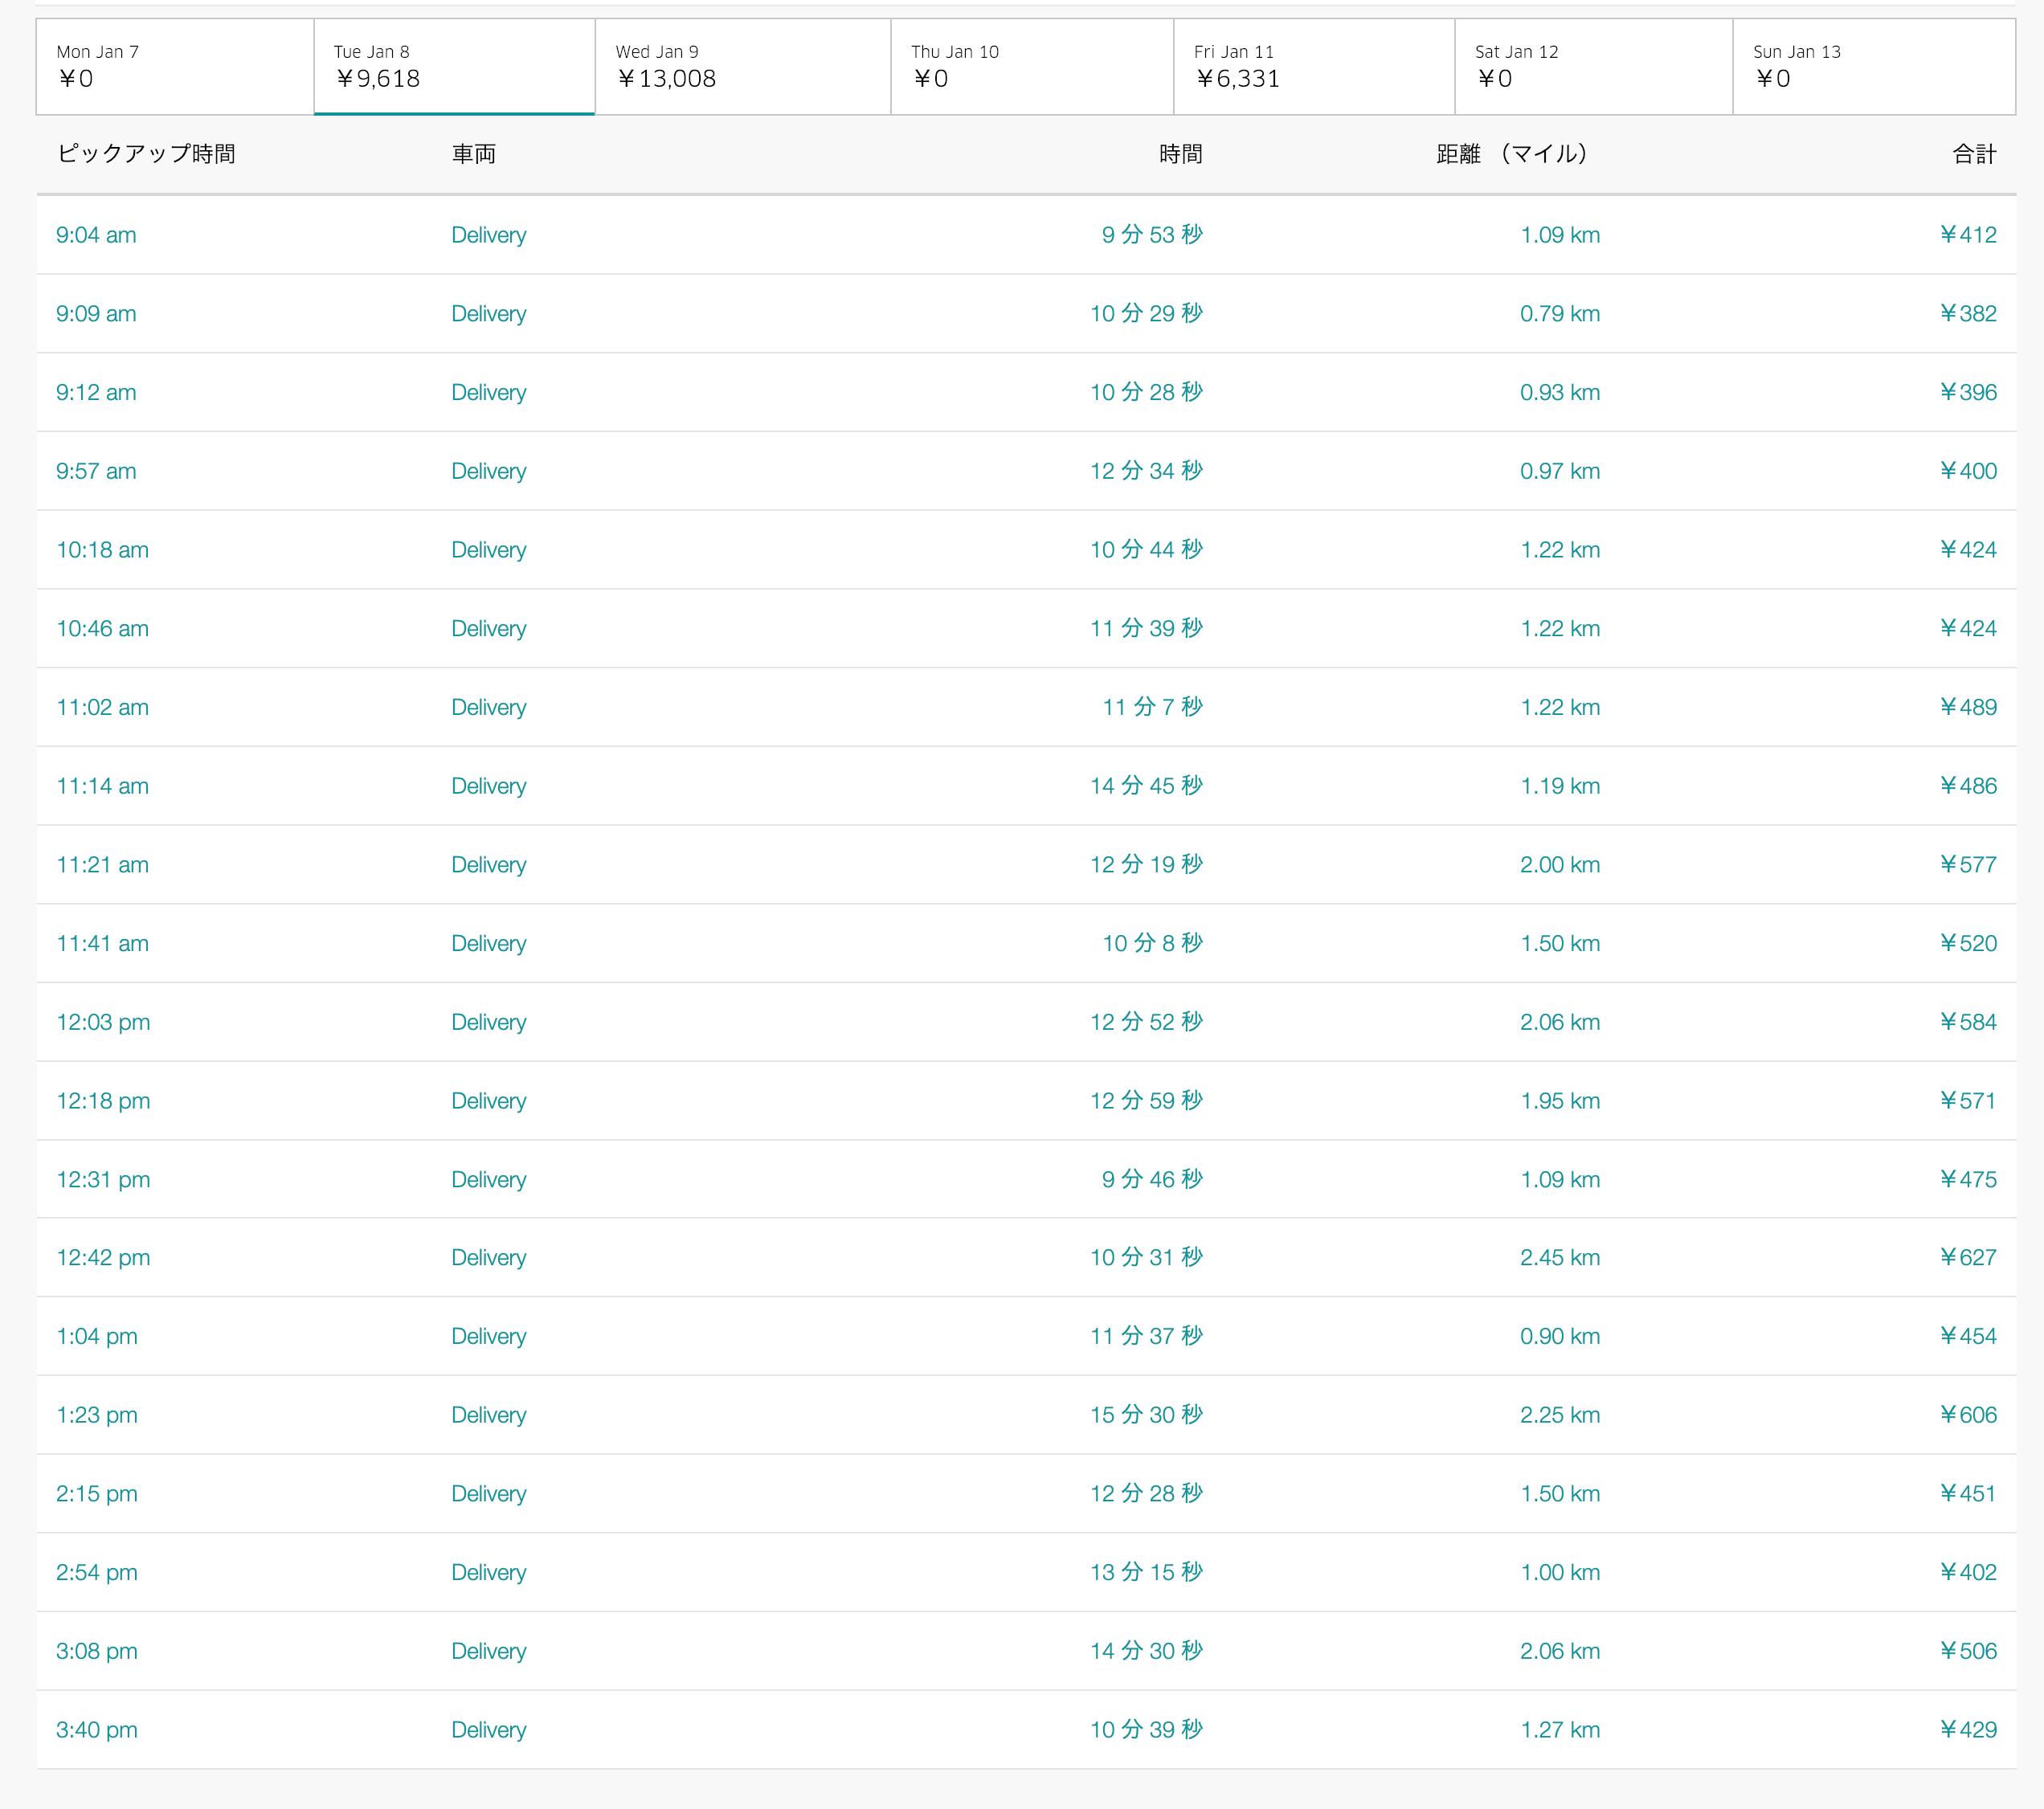 Uber Eats1月8日の配達数字